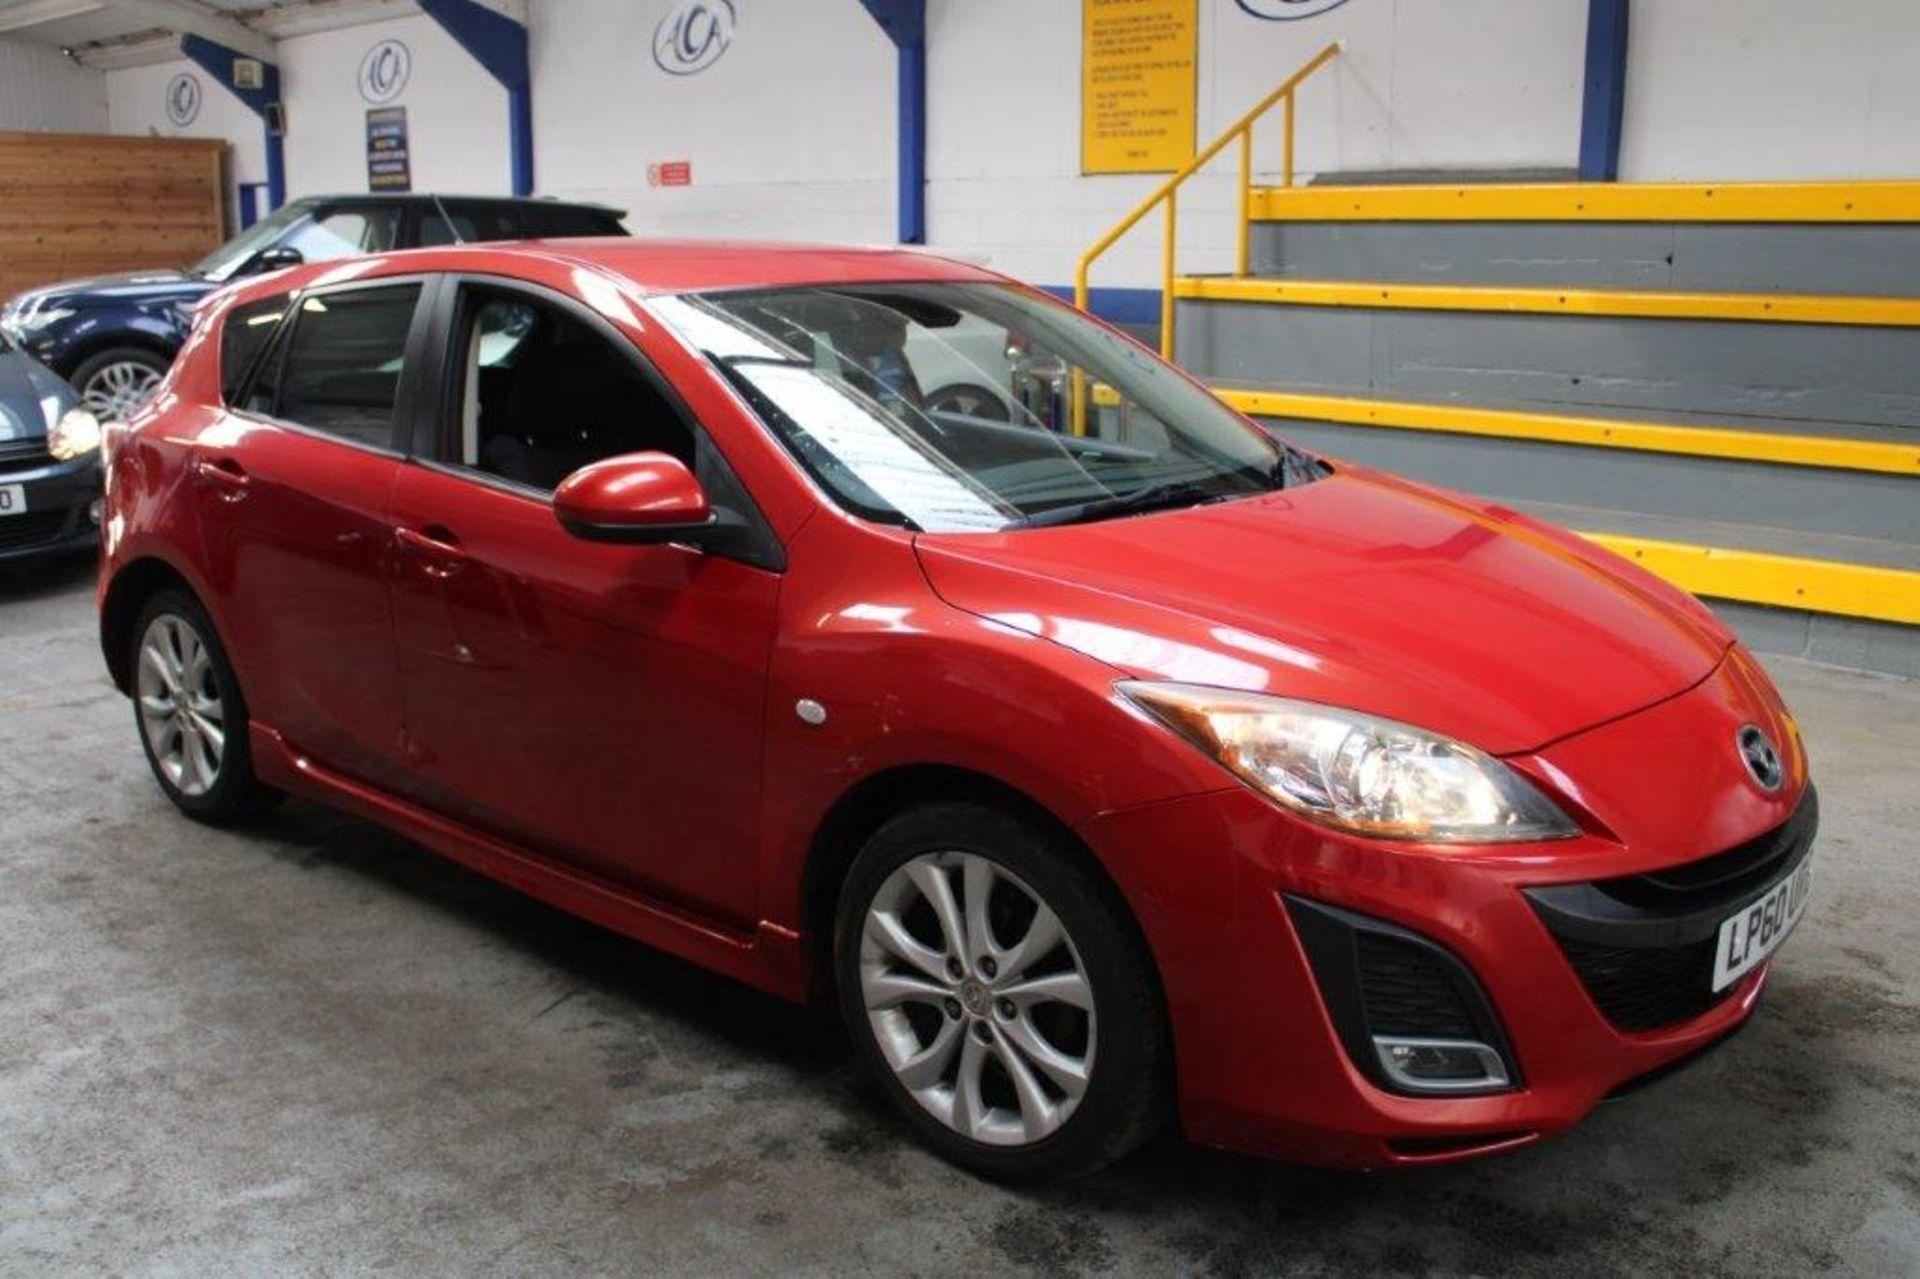 60 11 Mazda 3 Sport - Image 7 of 26